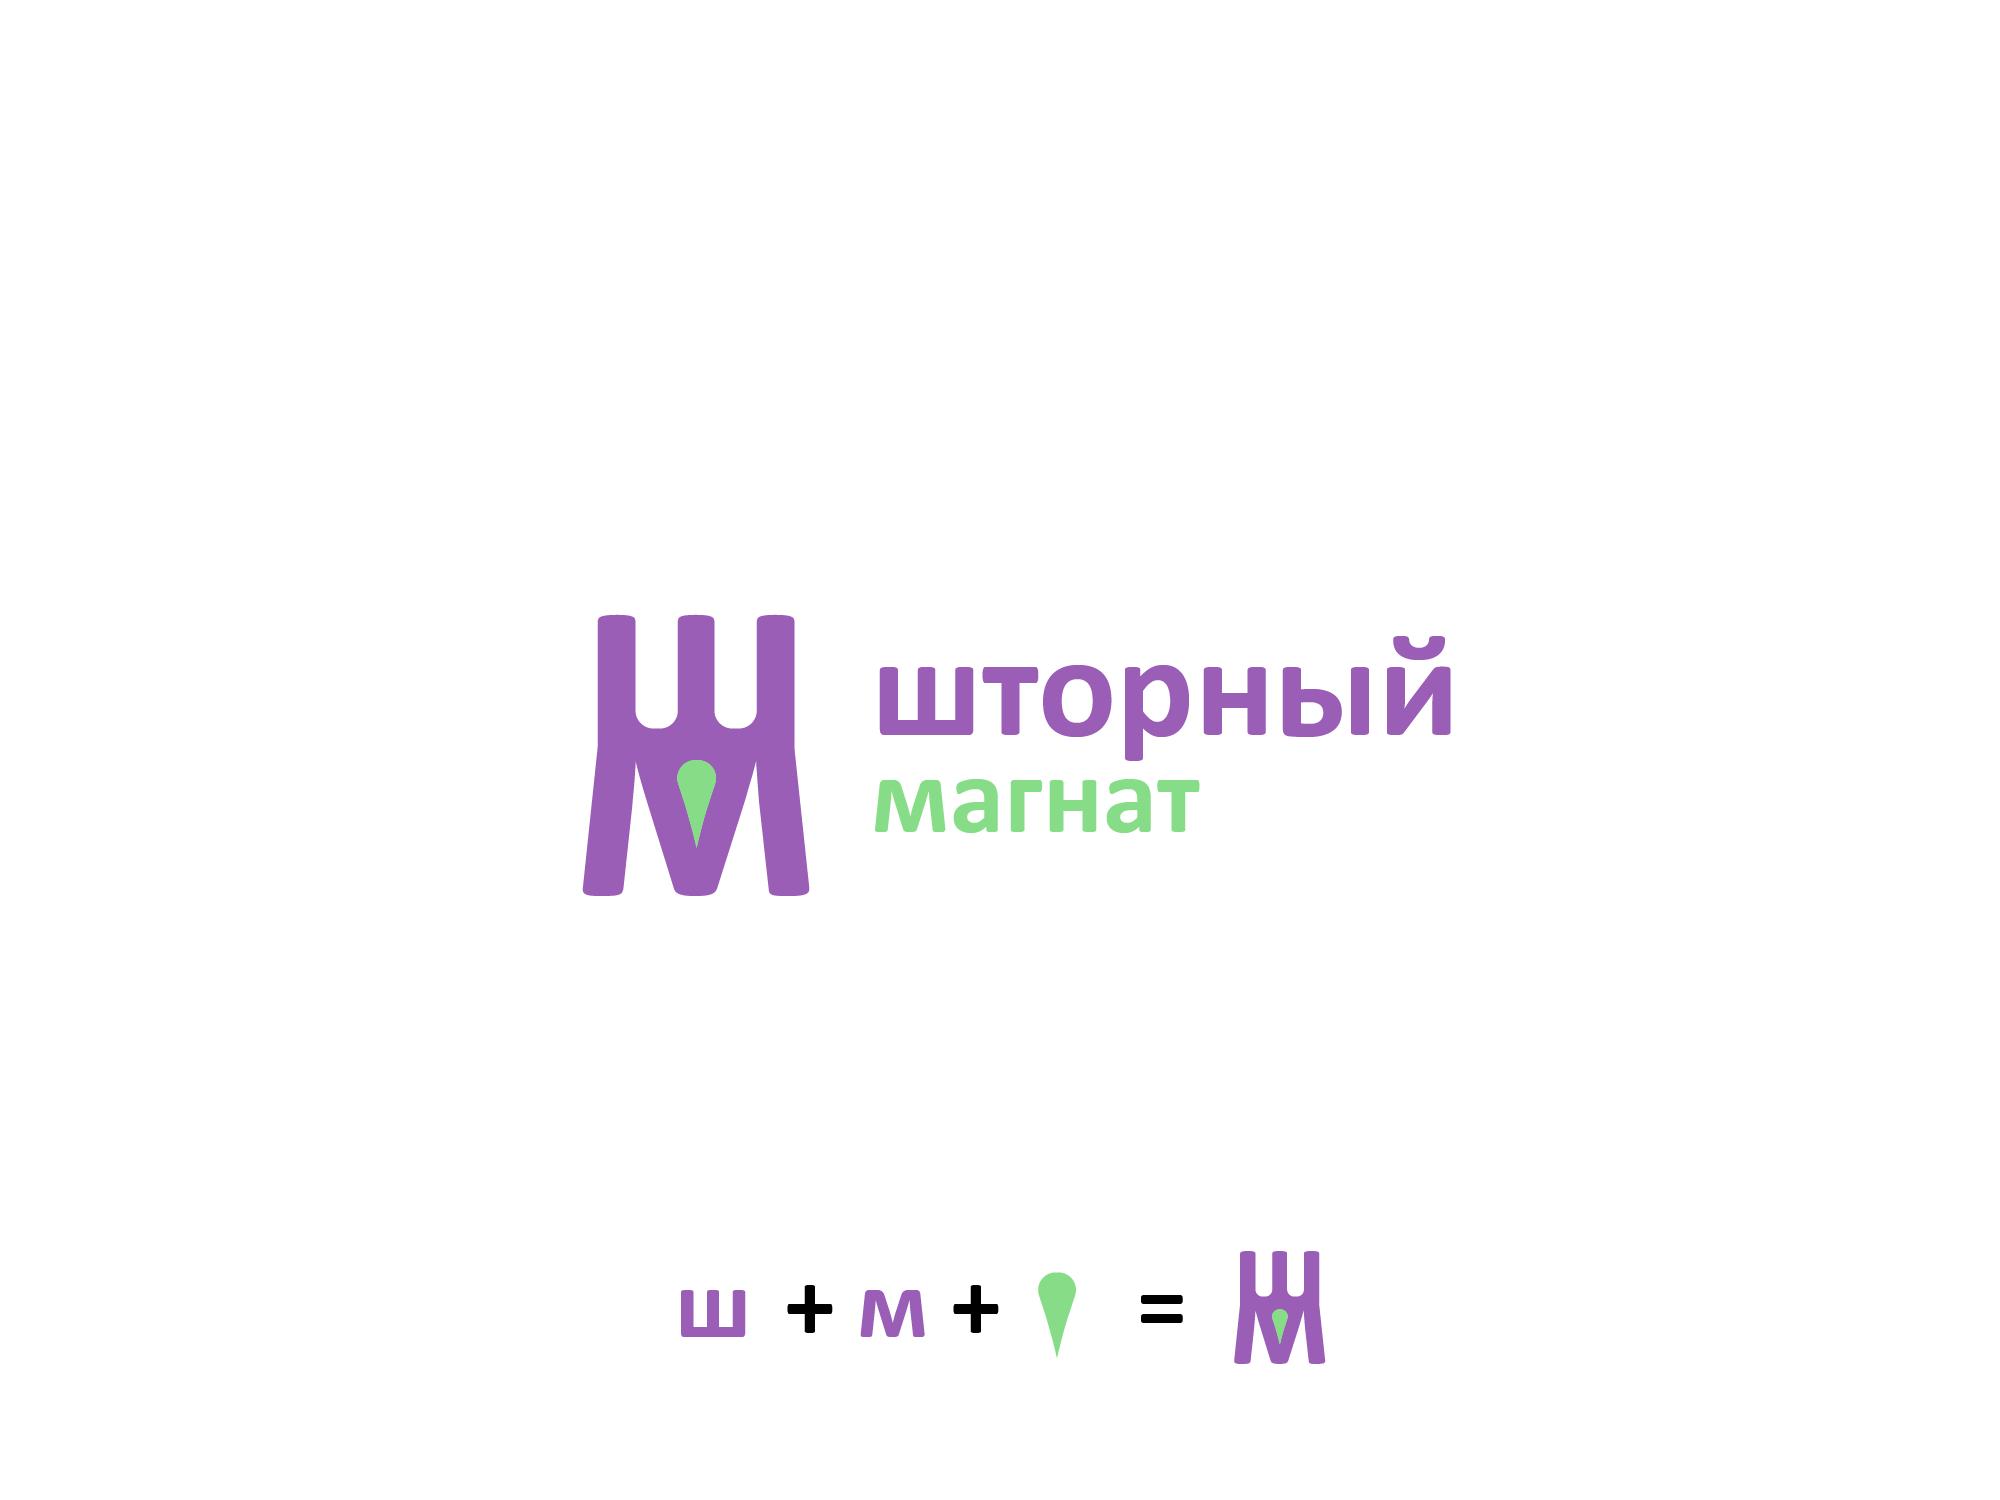 Логотип и фирменный стиль для магазина тканей. фото f_3505cda75d292f94.png